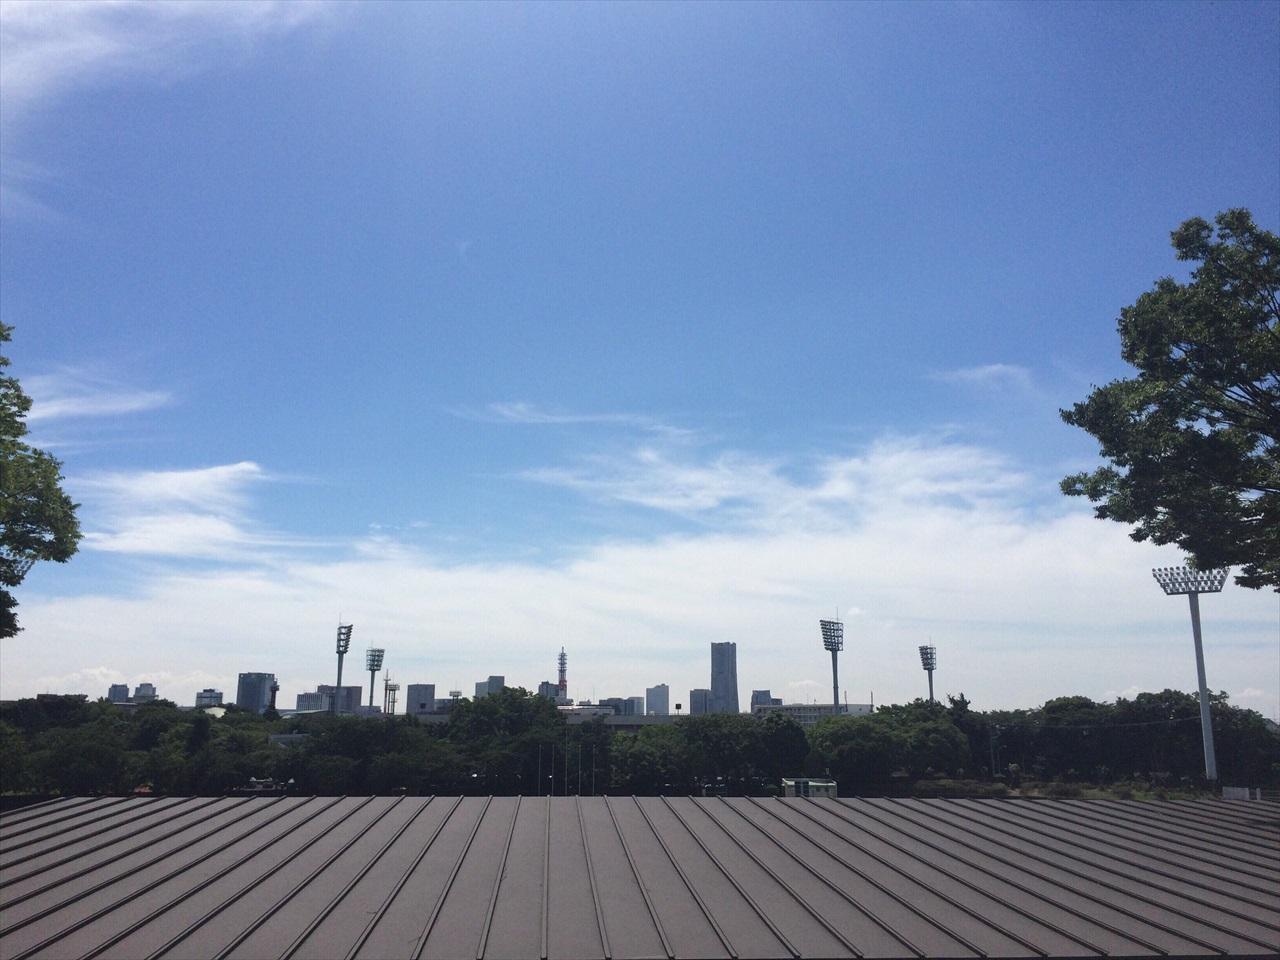 三ツ沢公園競技場にて。手前のトタン屋根は、かつて原水爆禁止宣言が発表された競技場演壇の後ろ側。